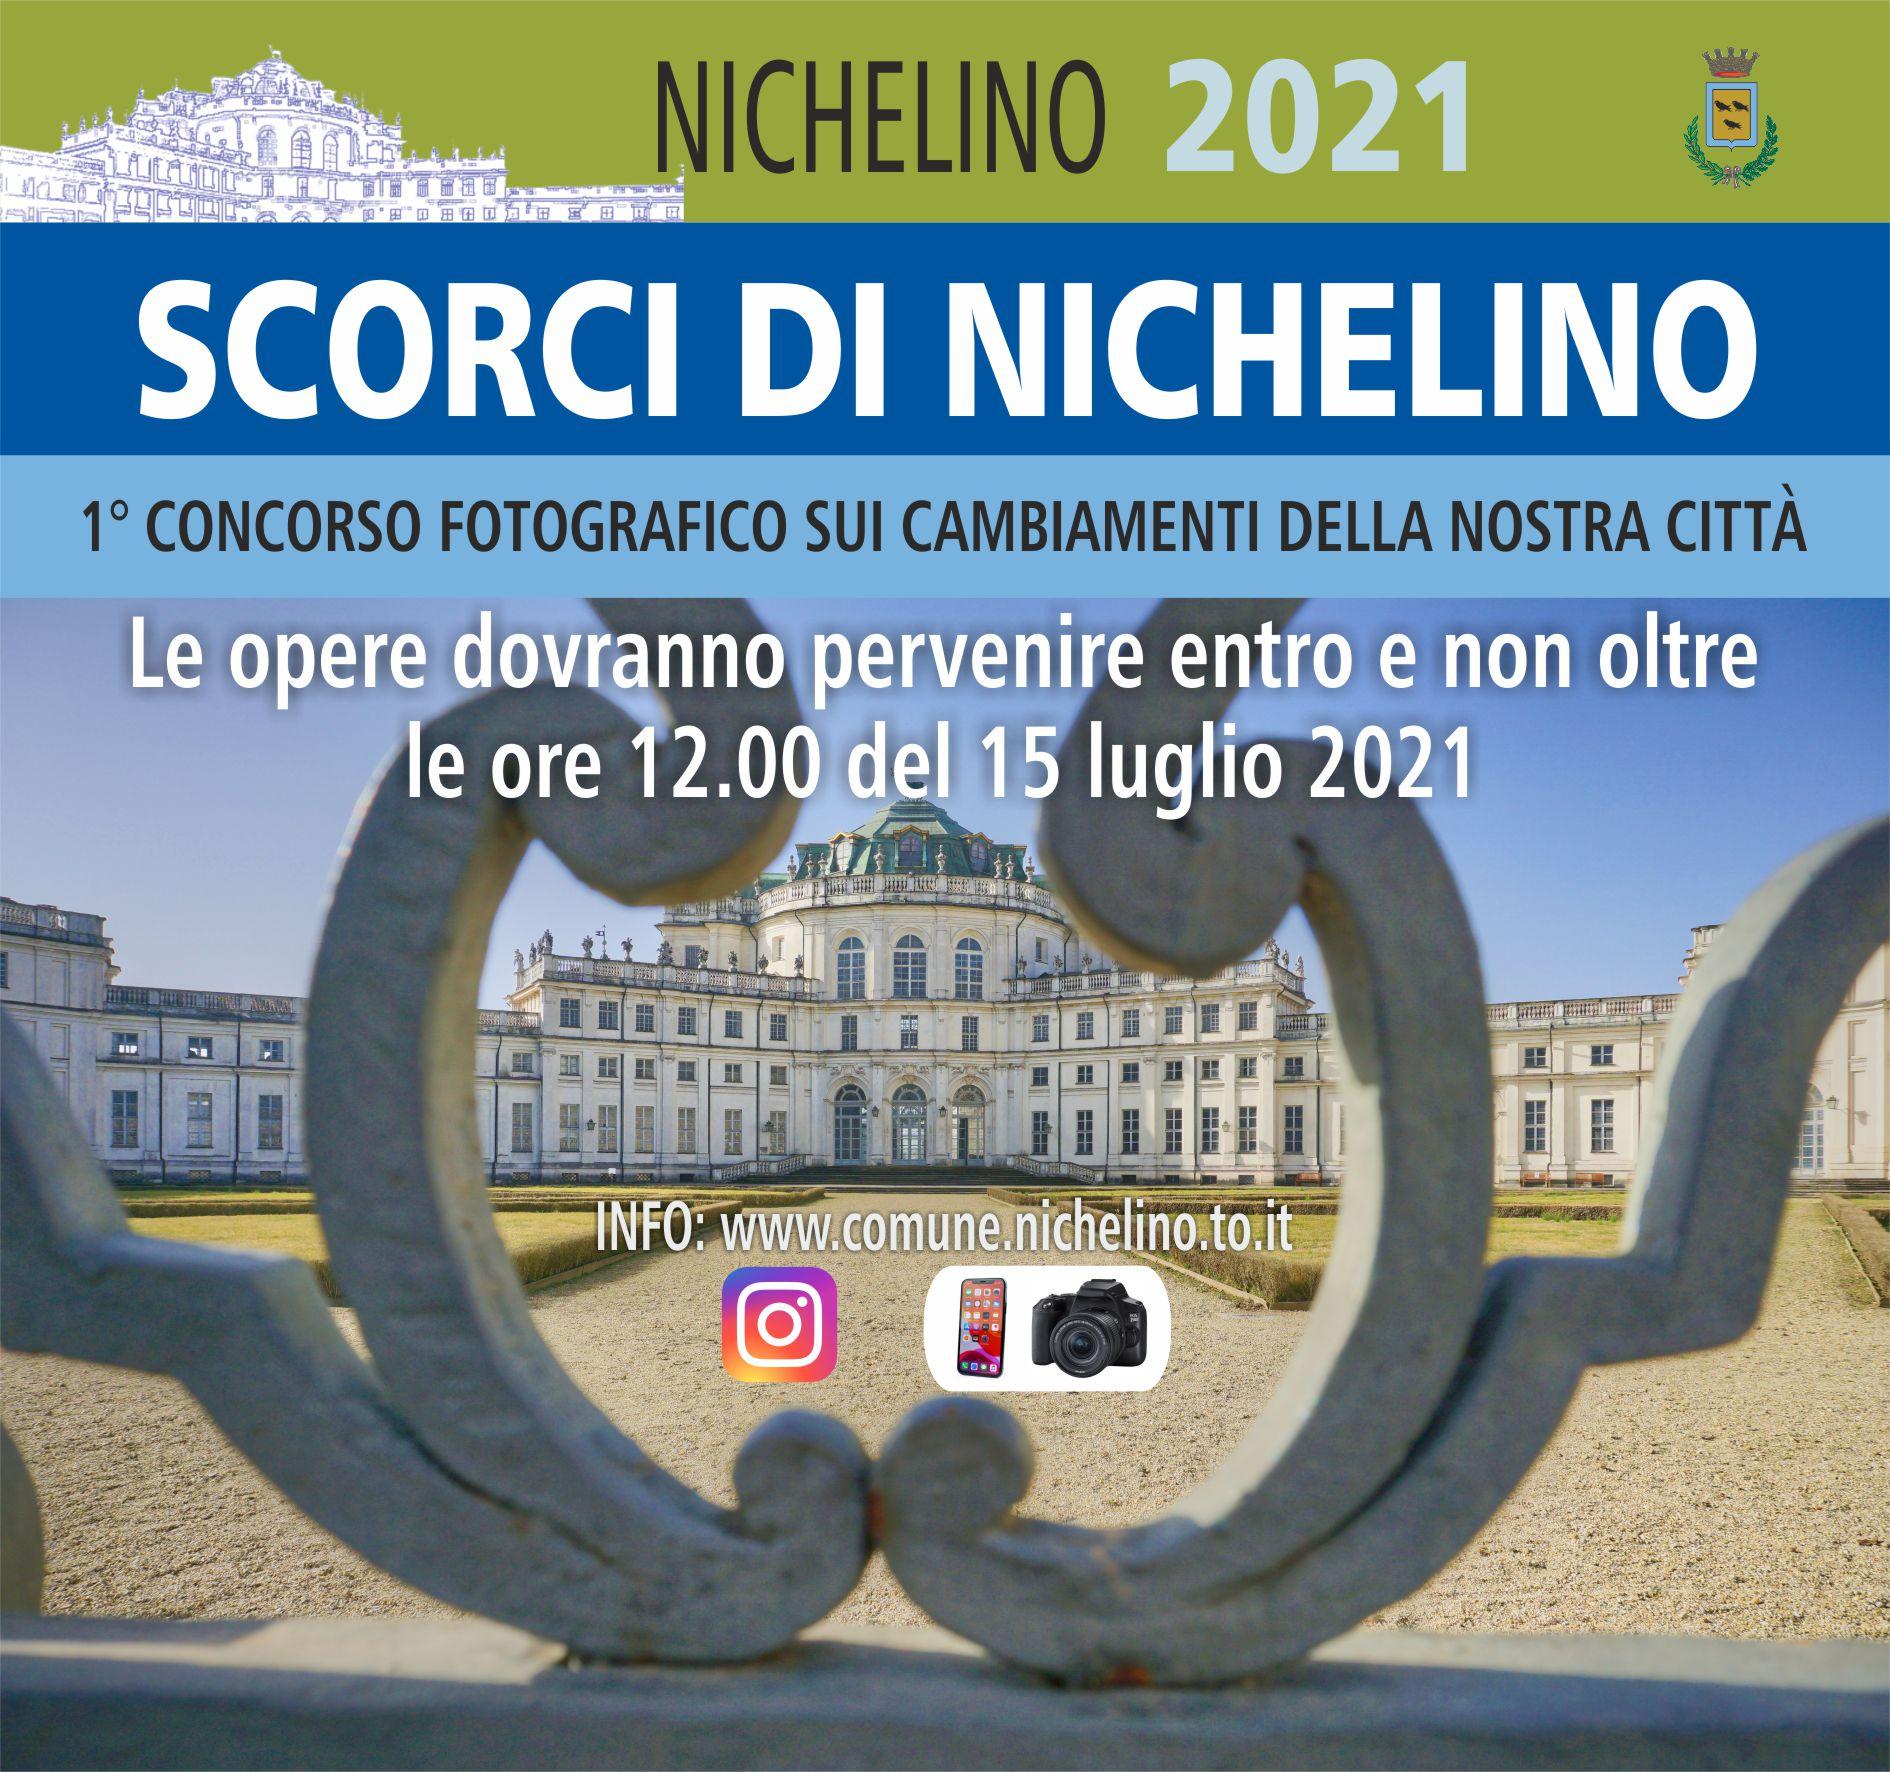 """I° Concorso Fotografico: """"Scorci di Nichelino"""" – Proroga Concorso"""